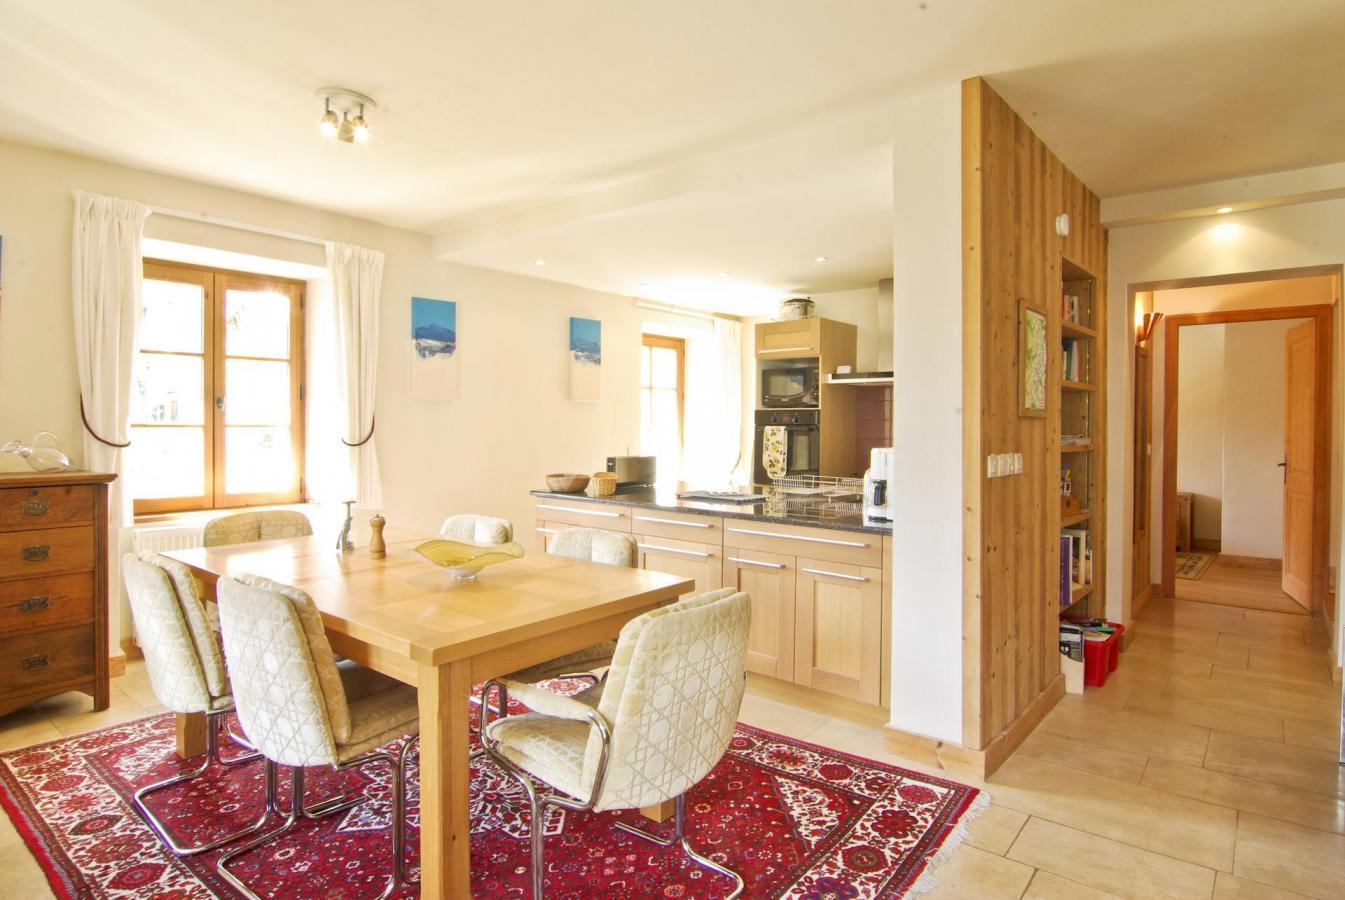 Location au ski Appartement 4 pièces 6 personnes - Chalet Ambre - Chamonix - Salle à manger